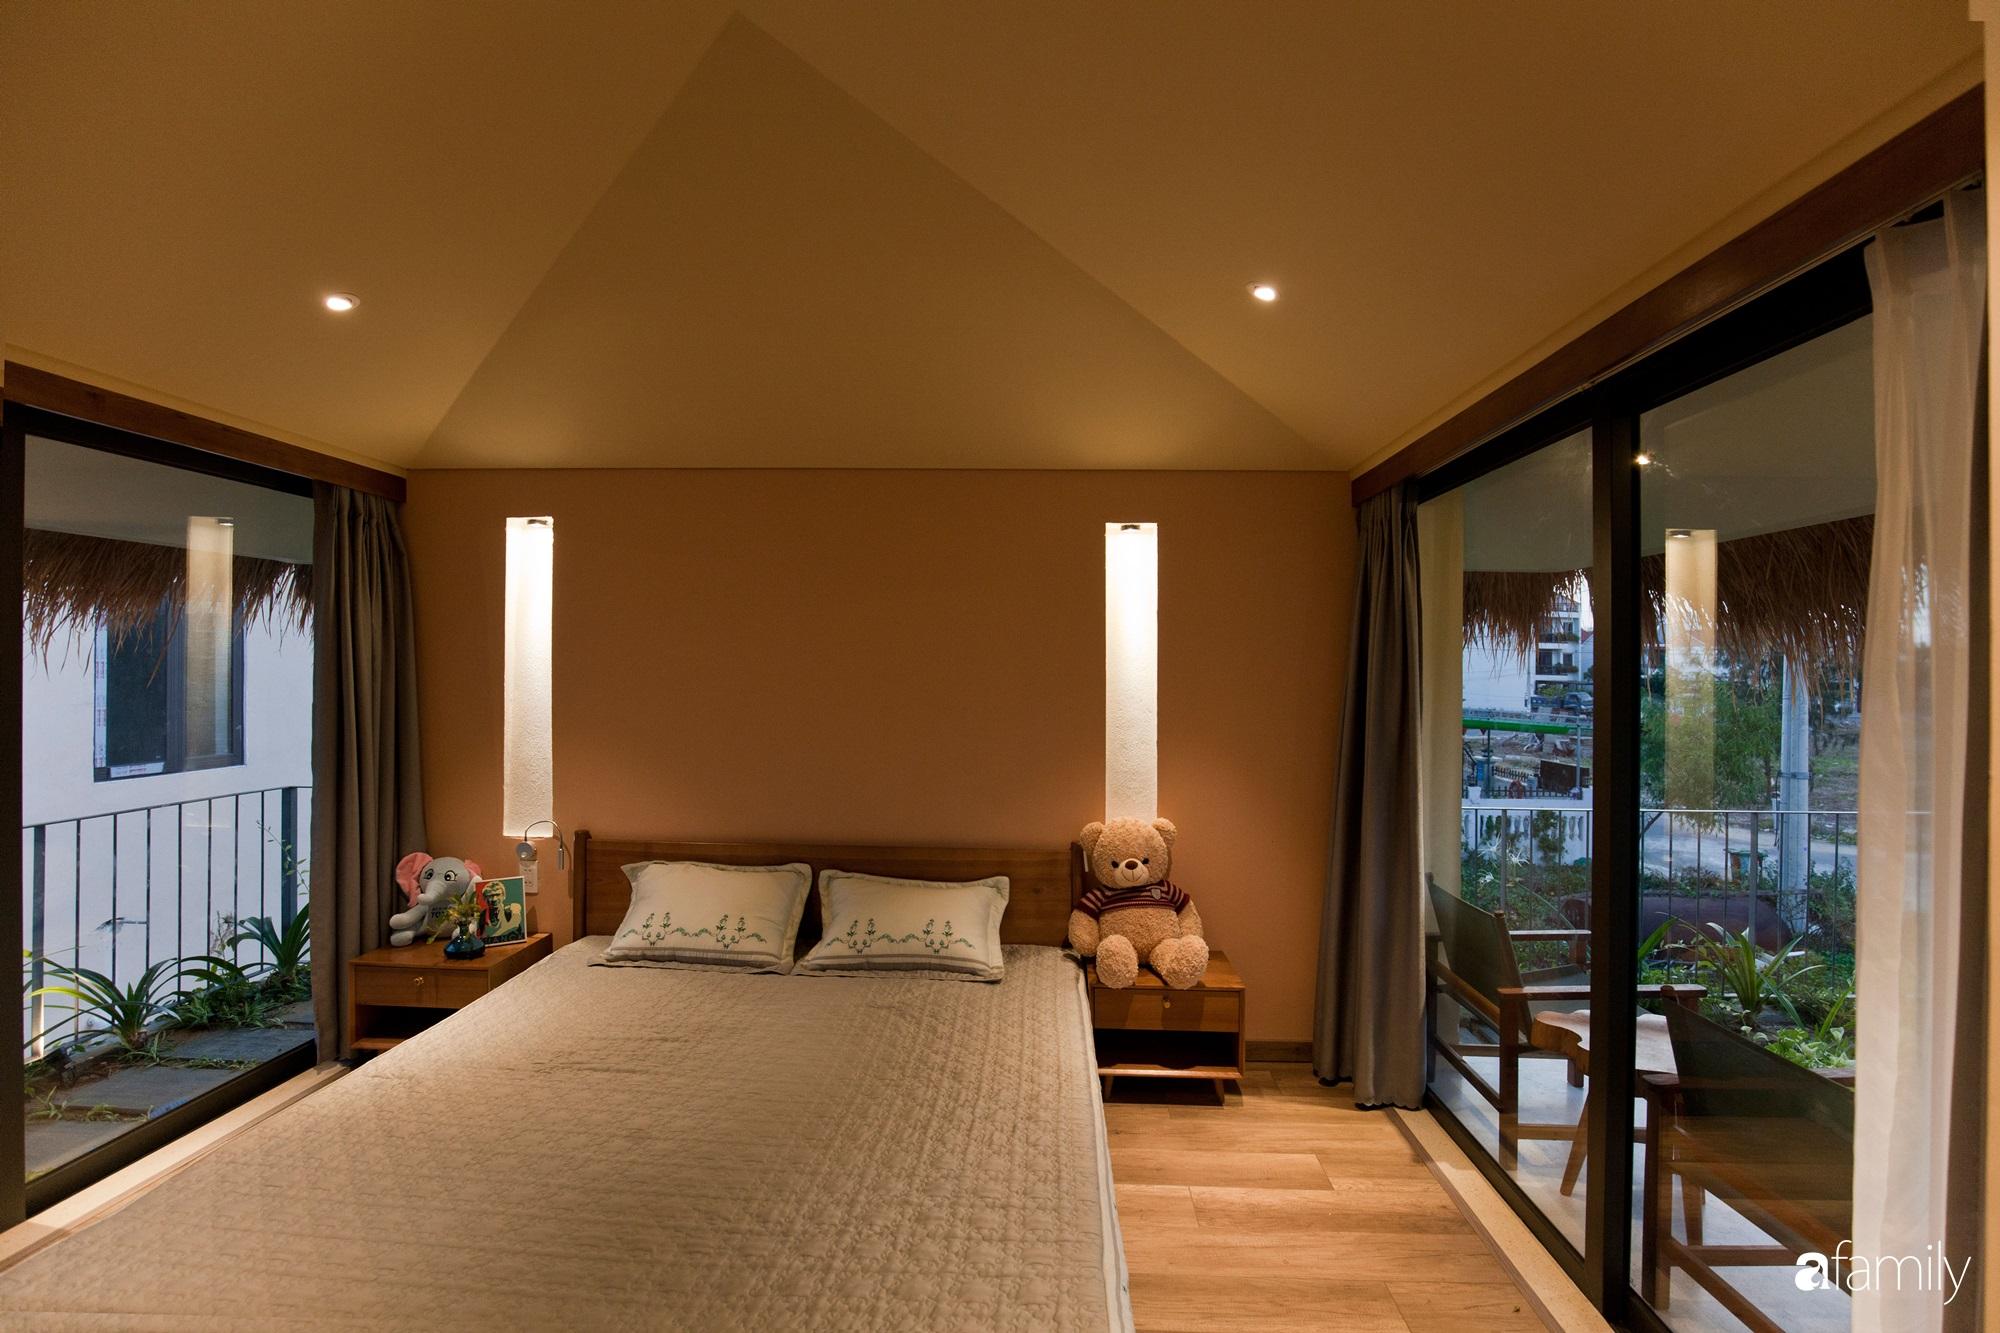 Nhà vườn mái tranh rộng 200m² với đủ tiện nghi hiện đại nổi bật giữa phố thị Hội An có chi phí xây dựng 2,1 tỷ đồng - Ảnh 19.